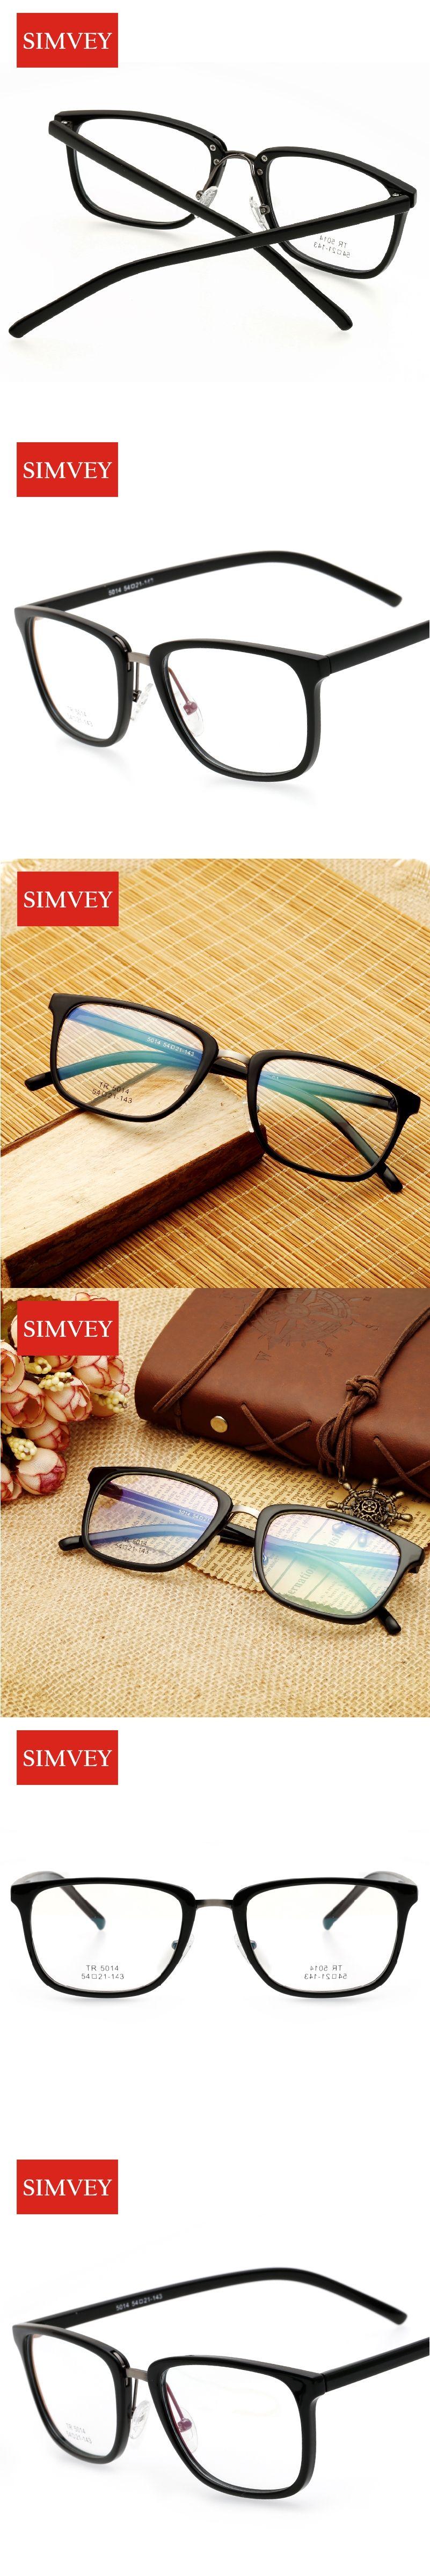 9c9ebbcc84e9 Simvey Fashion Classic Nerd Glasses Women Vintage Blue Light Glasses Retro  Brand Designer Eyeglasses Frames Men